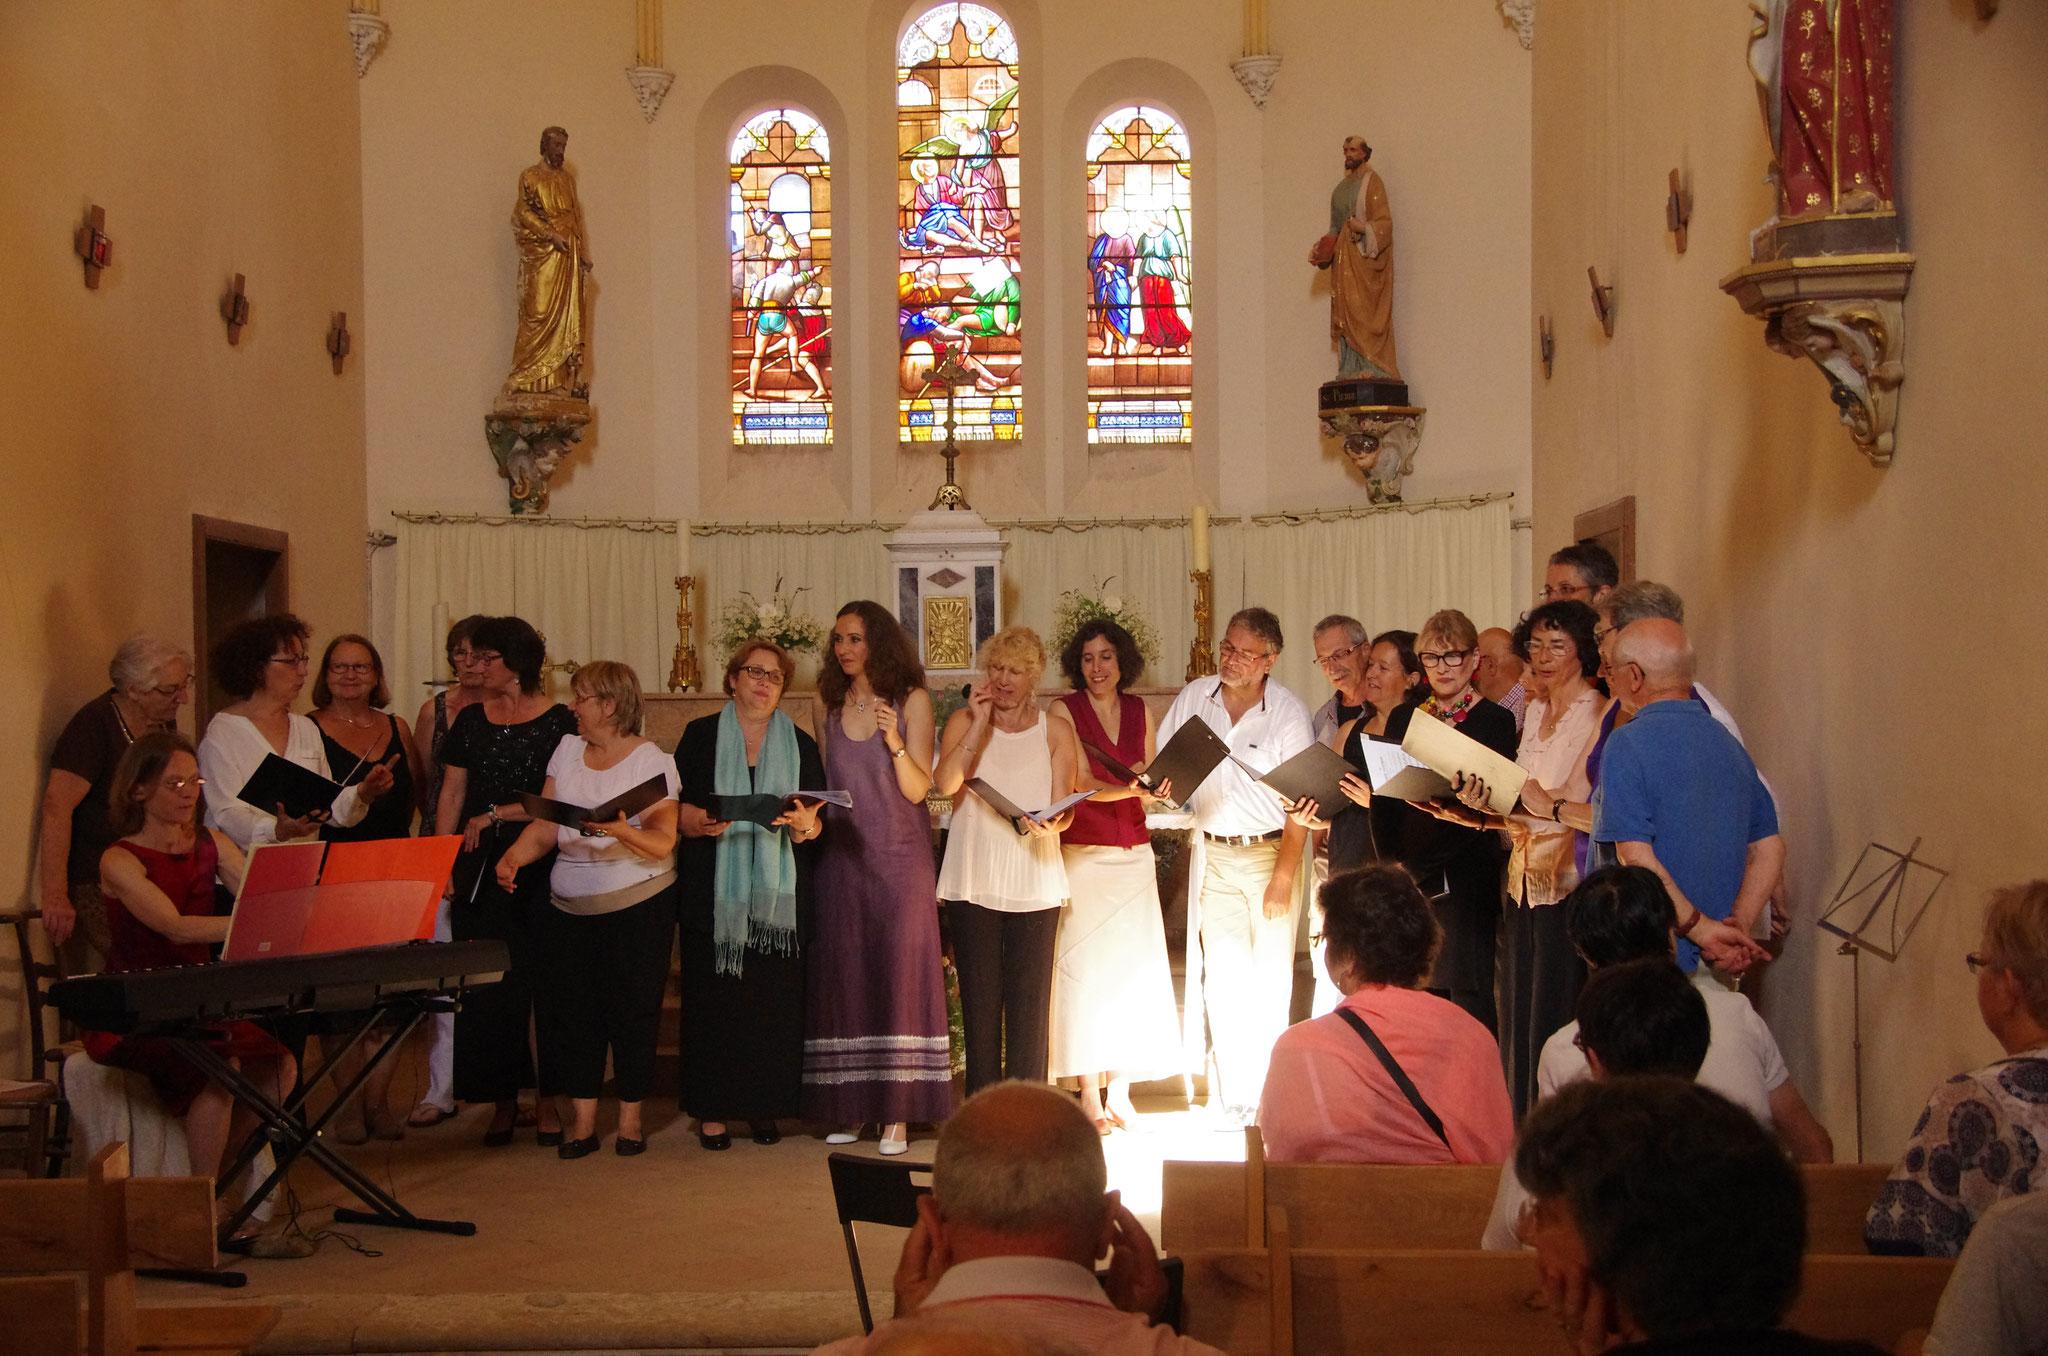 Les dames de choeur et le public invité à chanter